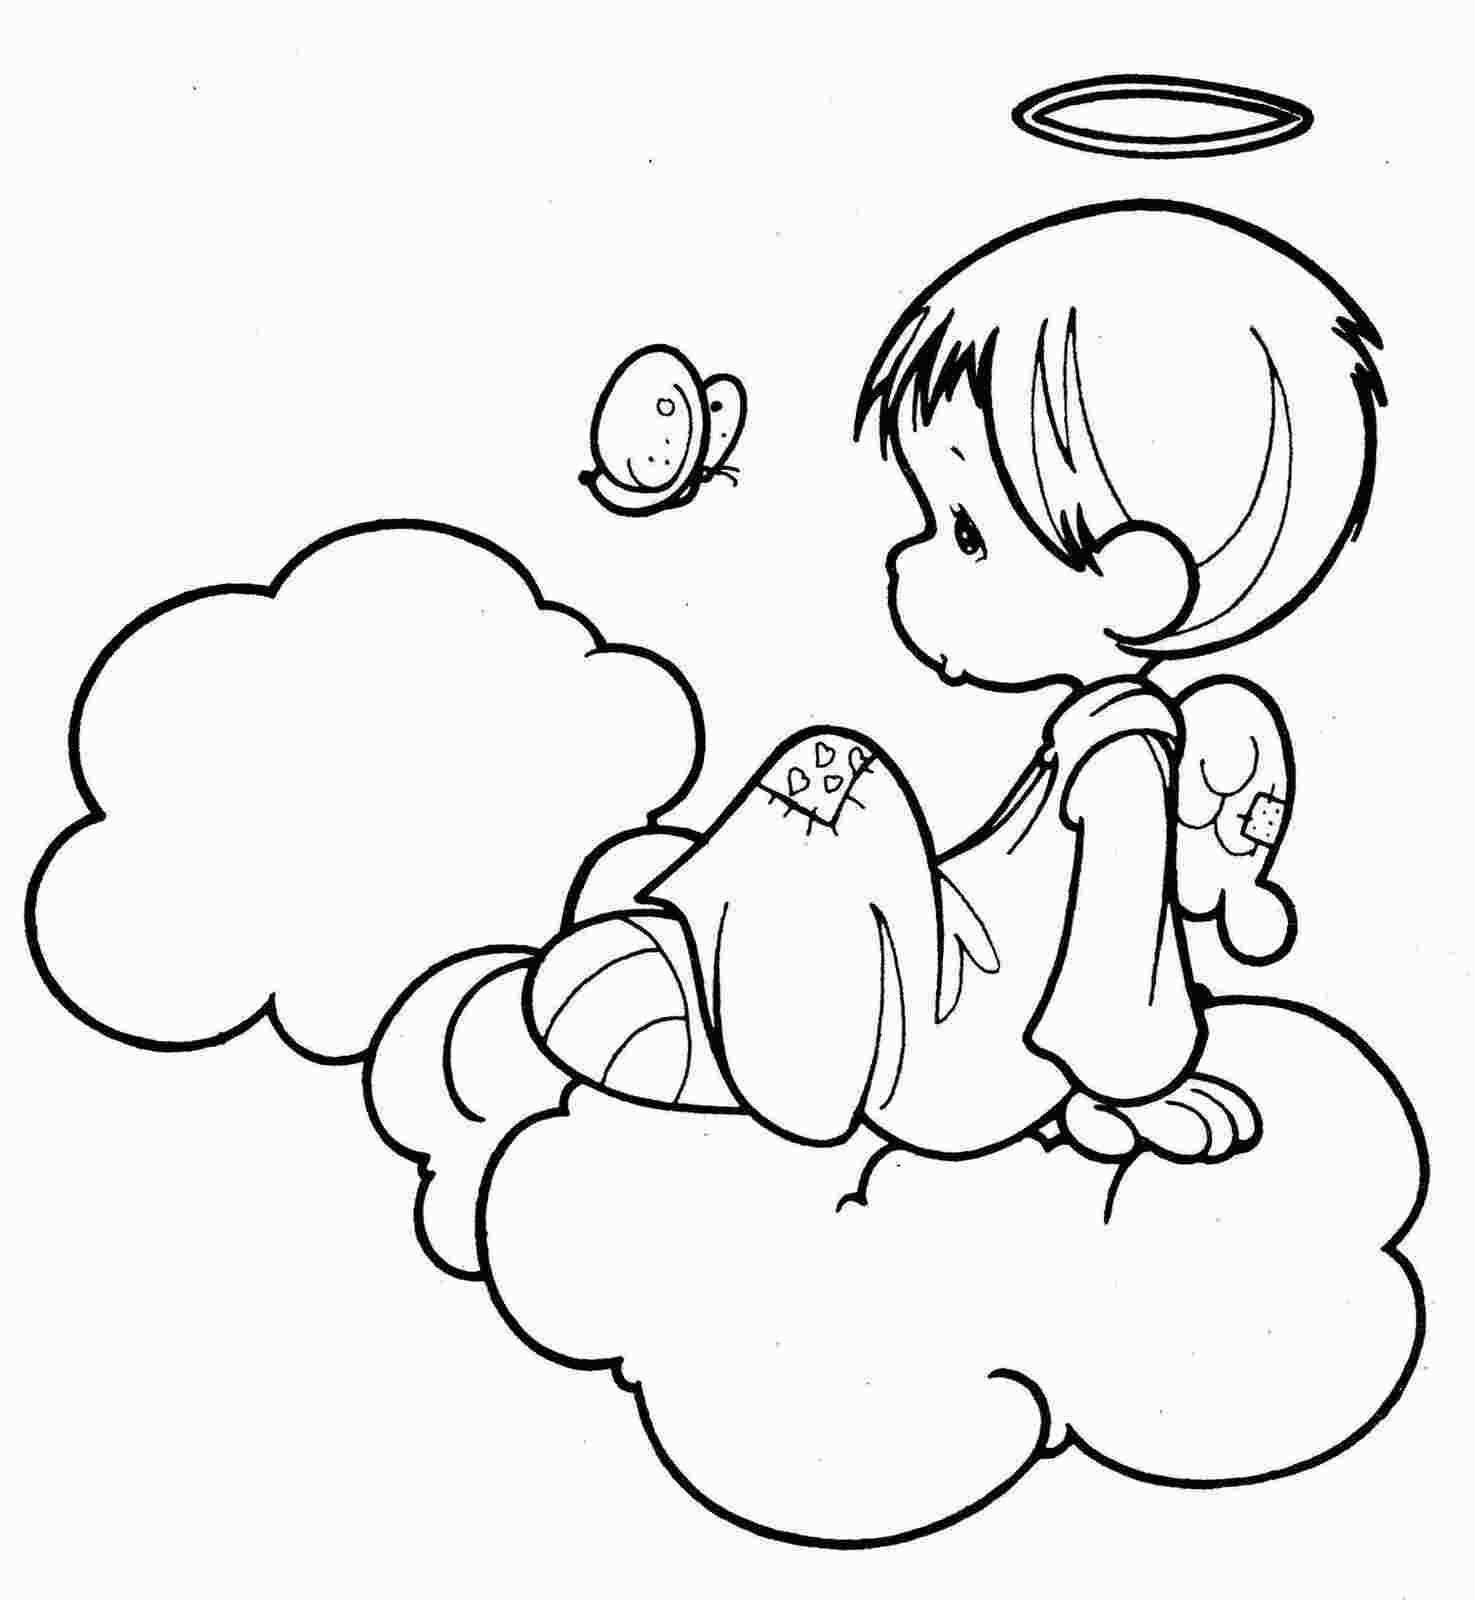 Angel Coloring Pages In 2020 Malbuch Vorlagen Wenn Du Mal Buch Bibel Malvorlagen